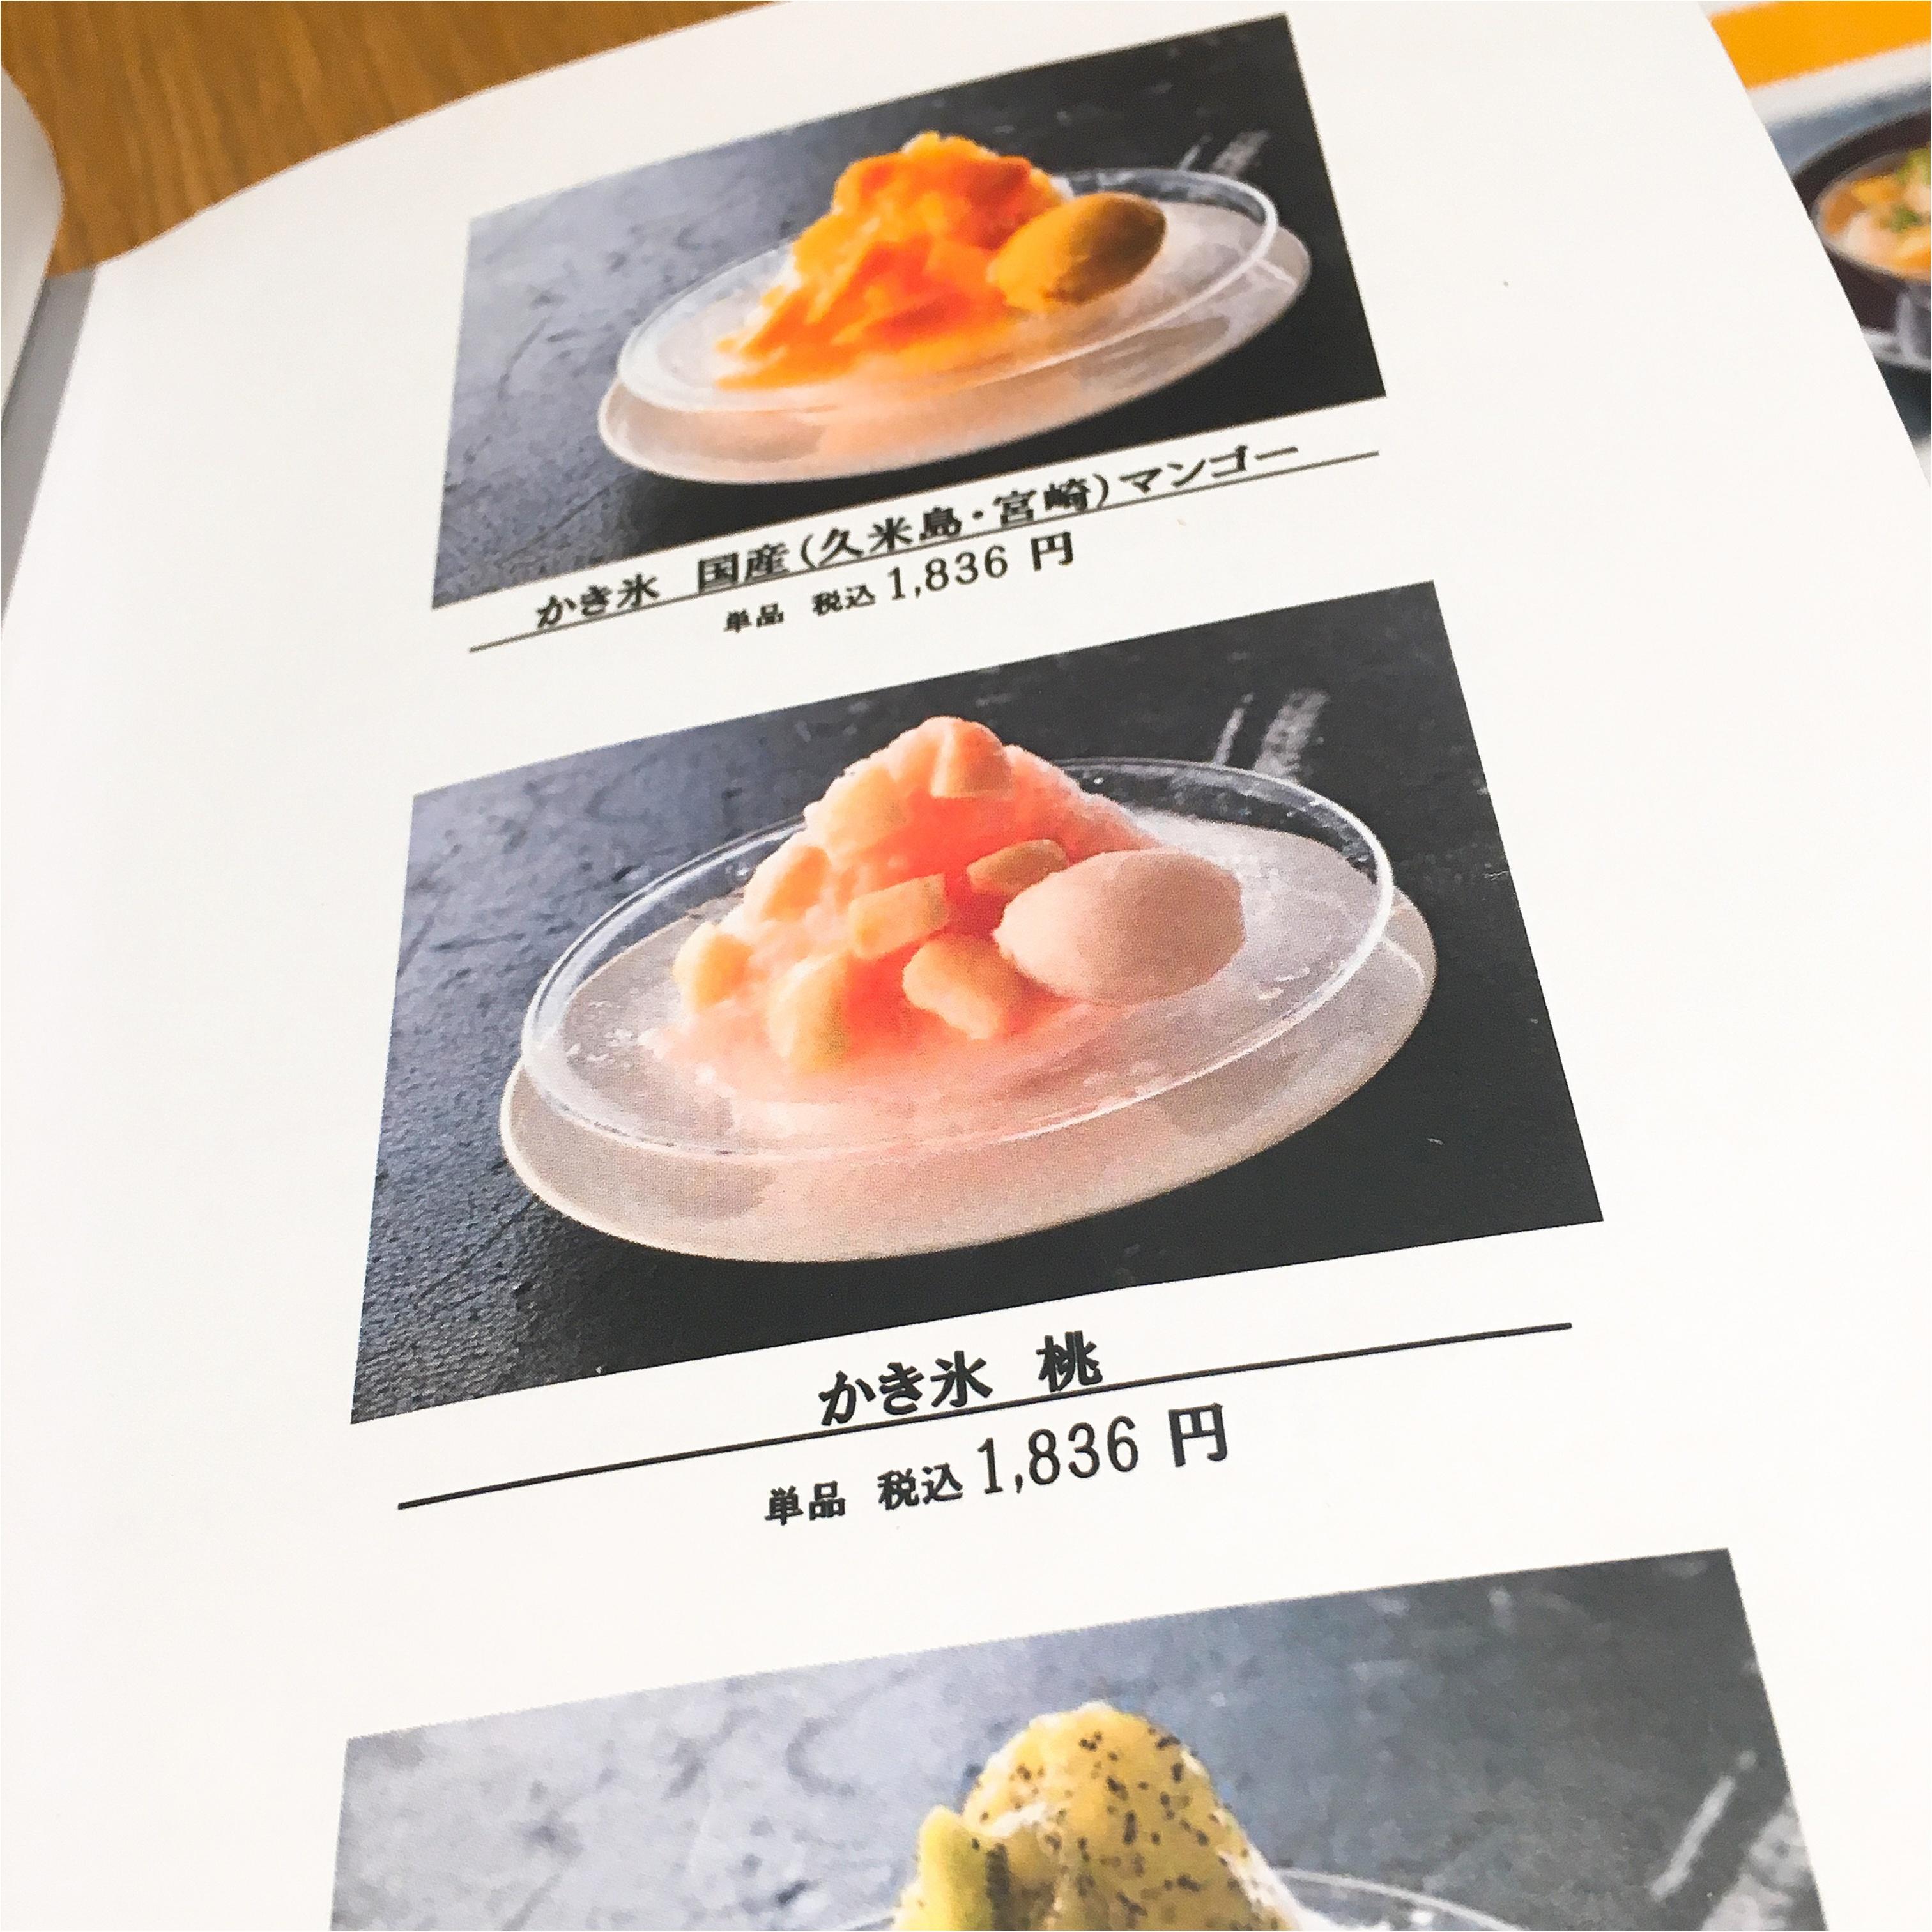 《大人のかき氷♡》和菓子の名店!源 吉兆庵がプロデュースするワンランク上の絶品かき氷♡_5